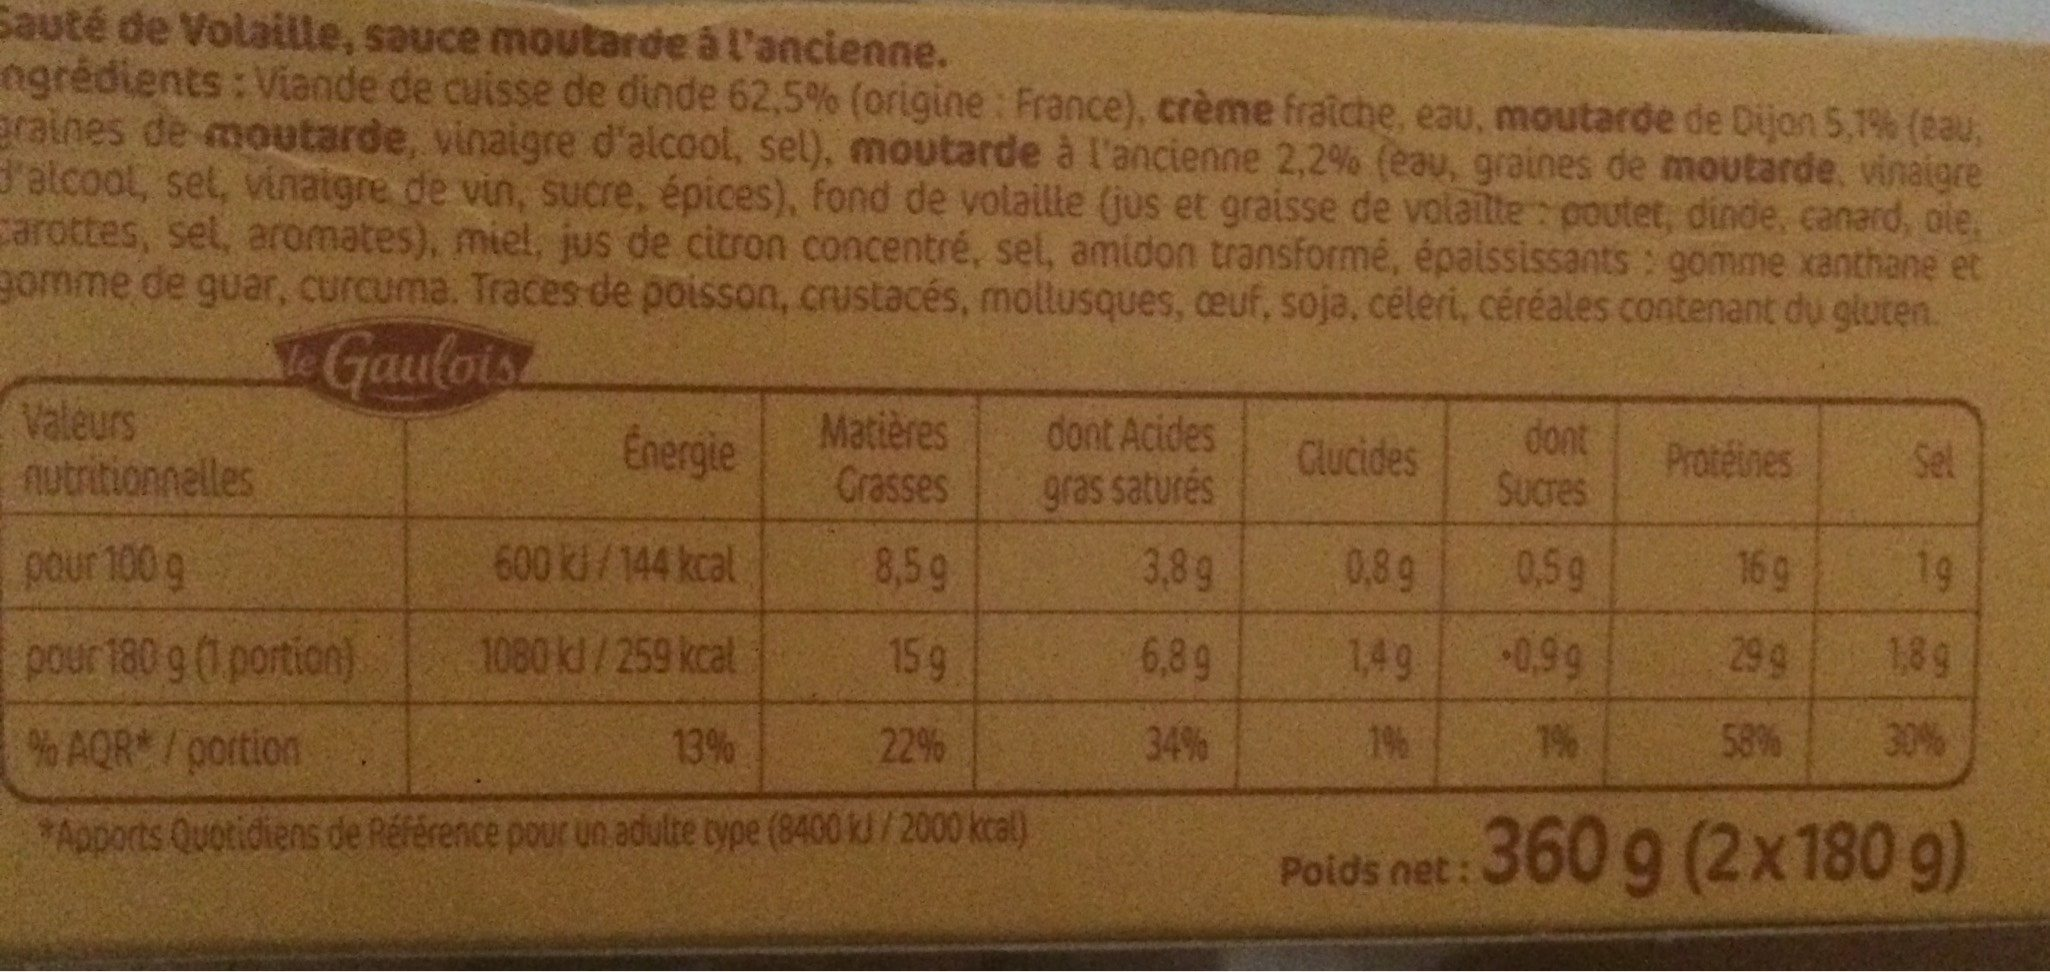 sauté volaille sauce moutarde à l'ancienne s/étui - Informations nutritionnelles - fr